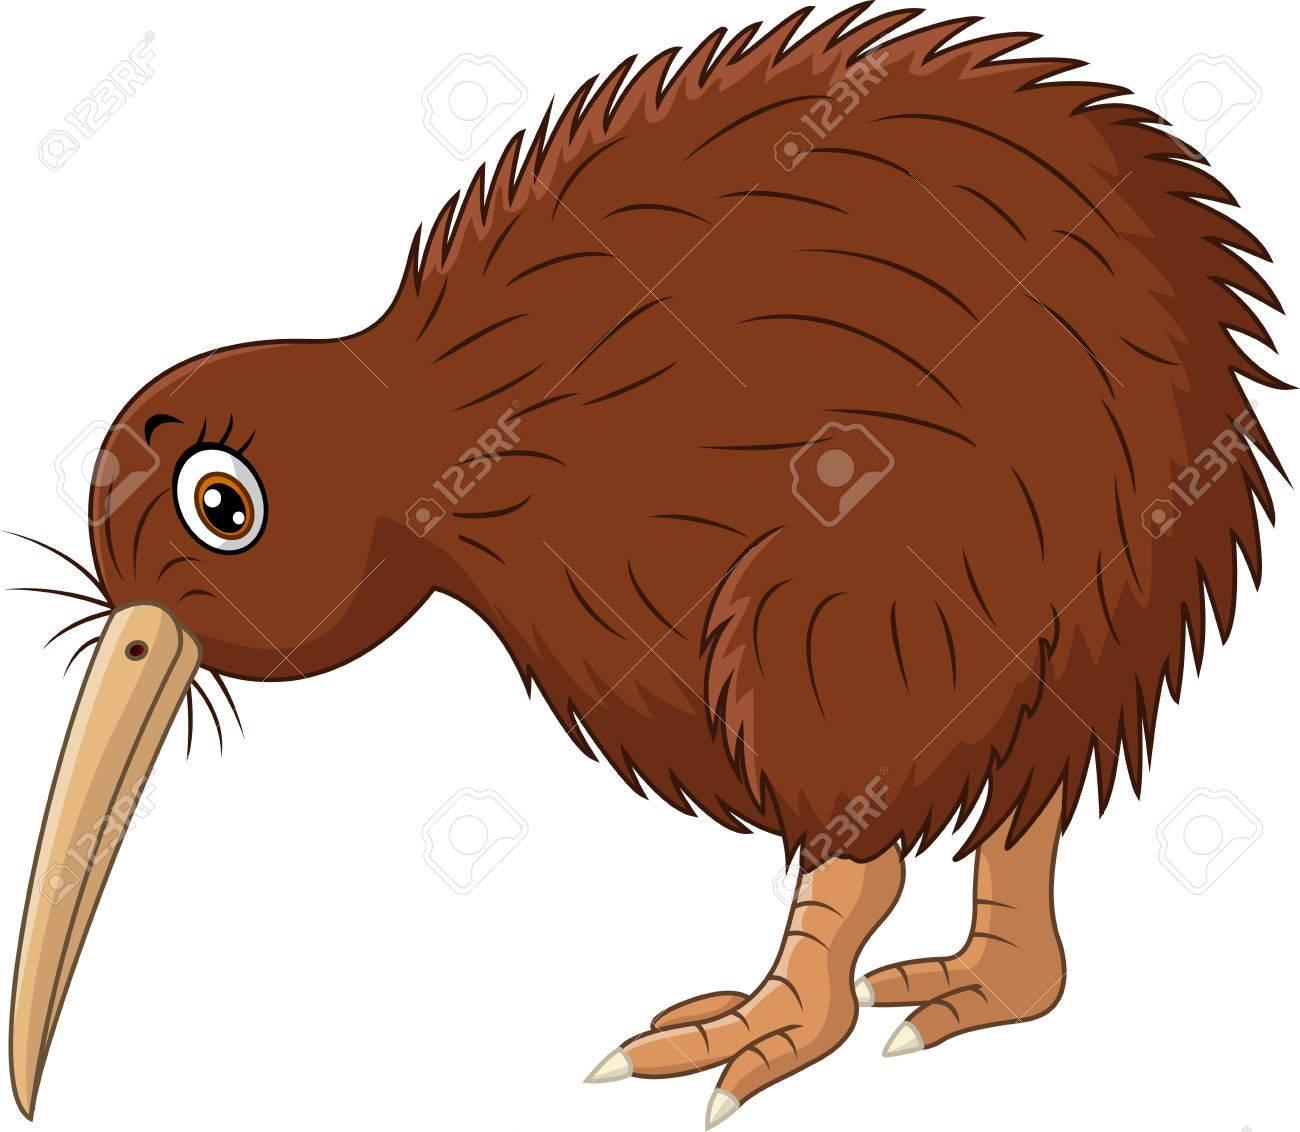 Kiwi Clipart Bird.